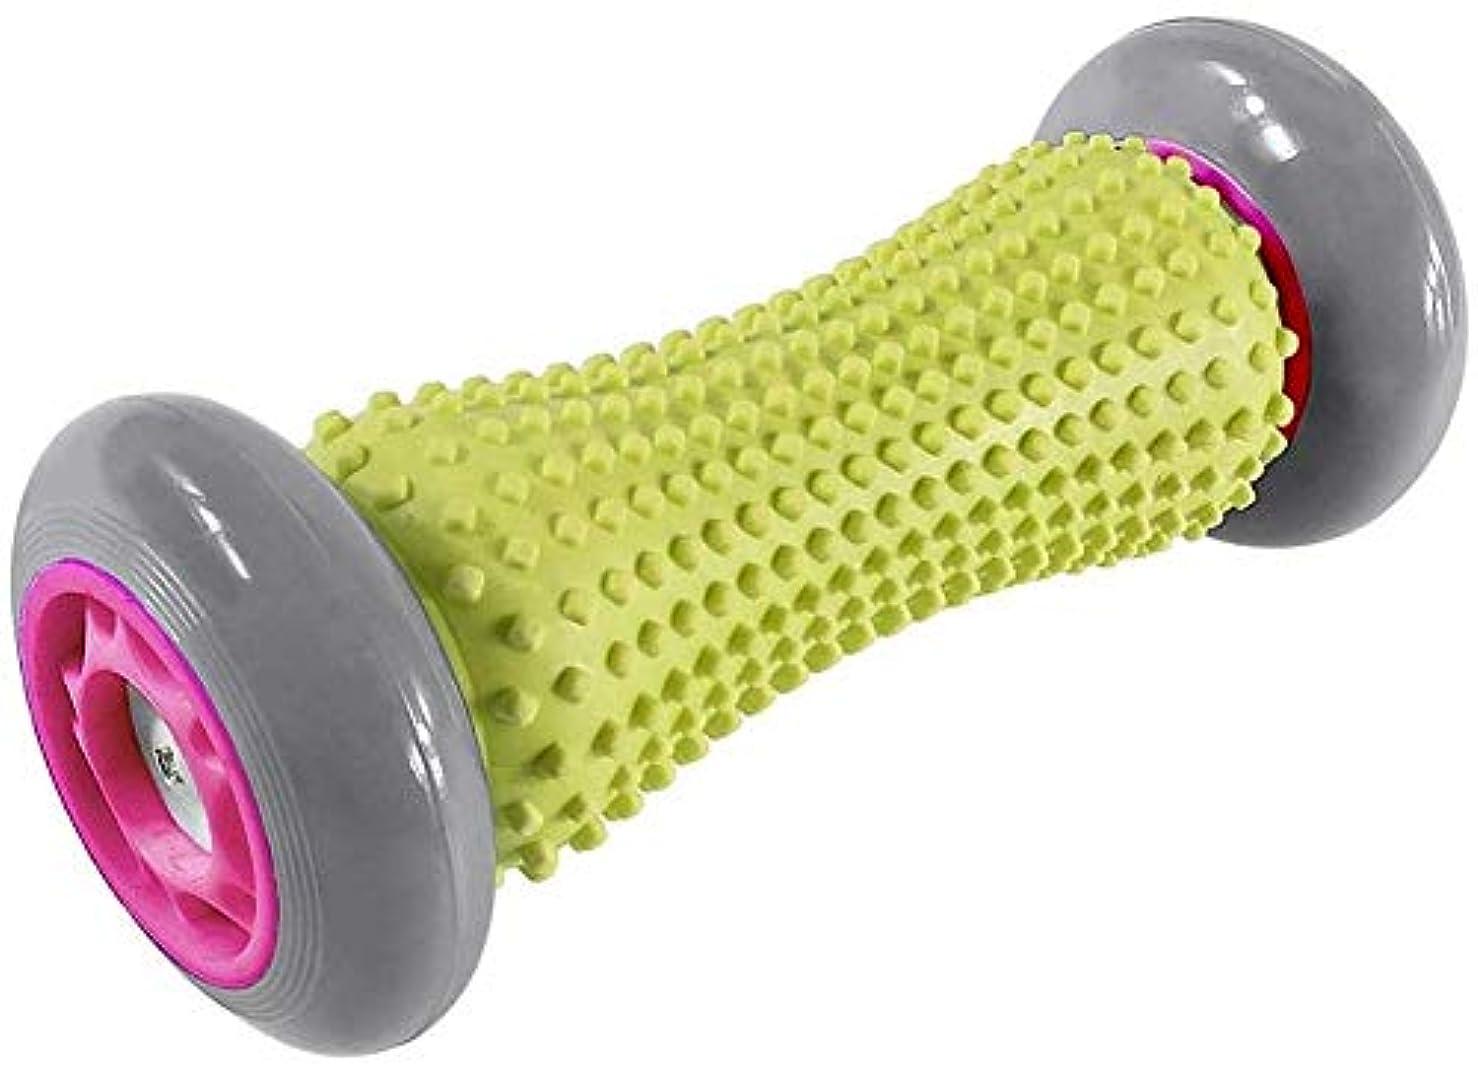 道に迷いましたアサートだらしないフットマッサージローラー、筋肉ローラースティック、トリガーポイントマッサージ、人間工学に基づいて設計さリフレクソロジーマッサージ、手首前腕運動ローラー、足ハンドマッサージローラー (Color : ピンク)